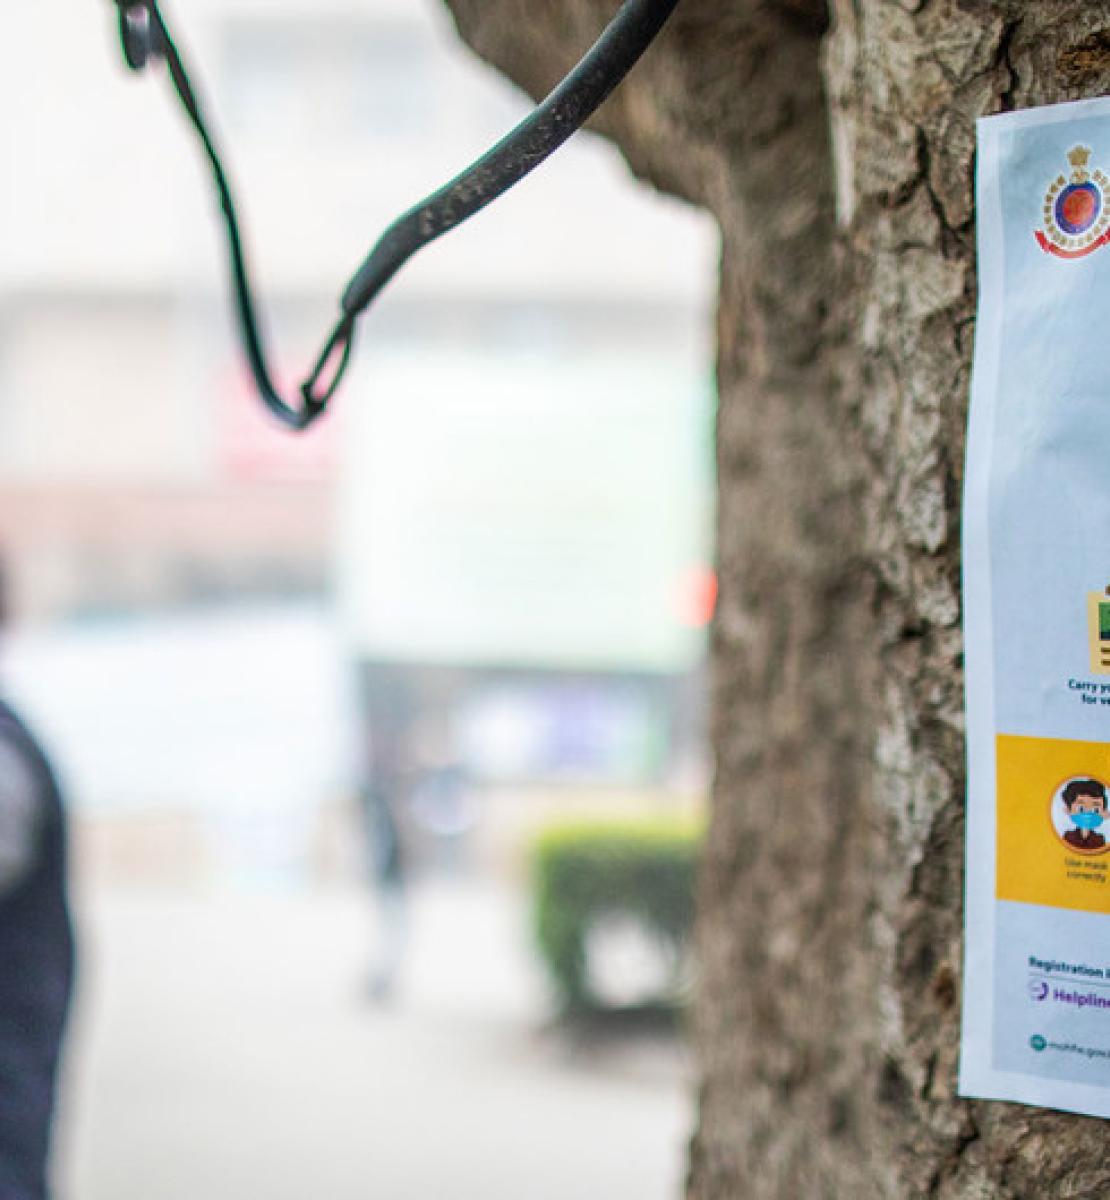 Une affiche a été accrochée à un tronc d'arbre. On peut y lire, en anglais « COVID-19 Vaccine is safe ! », ce qui signifie « Le vaccin anti-COVID-19 est sûr ». En arrière-plan, un homme portant une casquette et un masque de protection lève le bras, comme pour indiquer que la voie est libre.